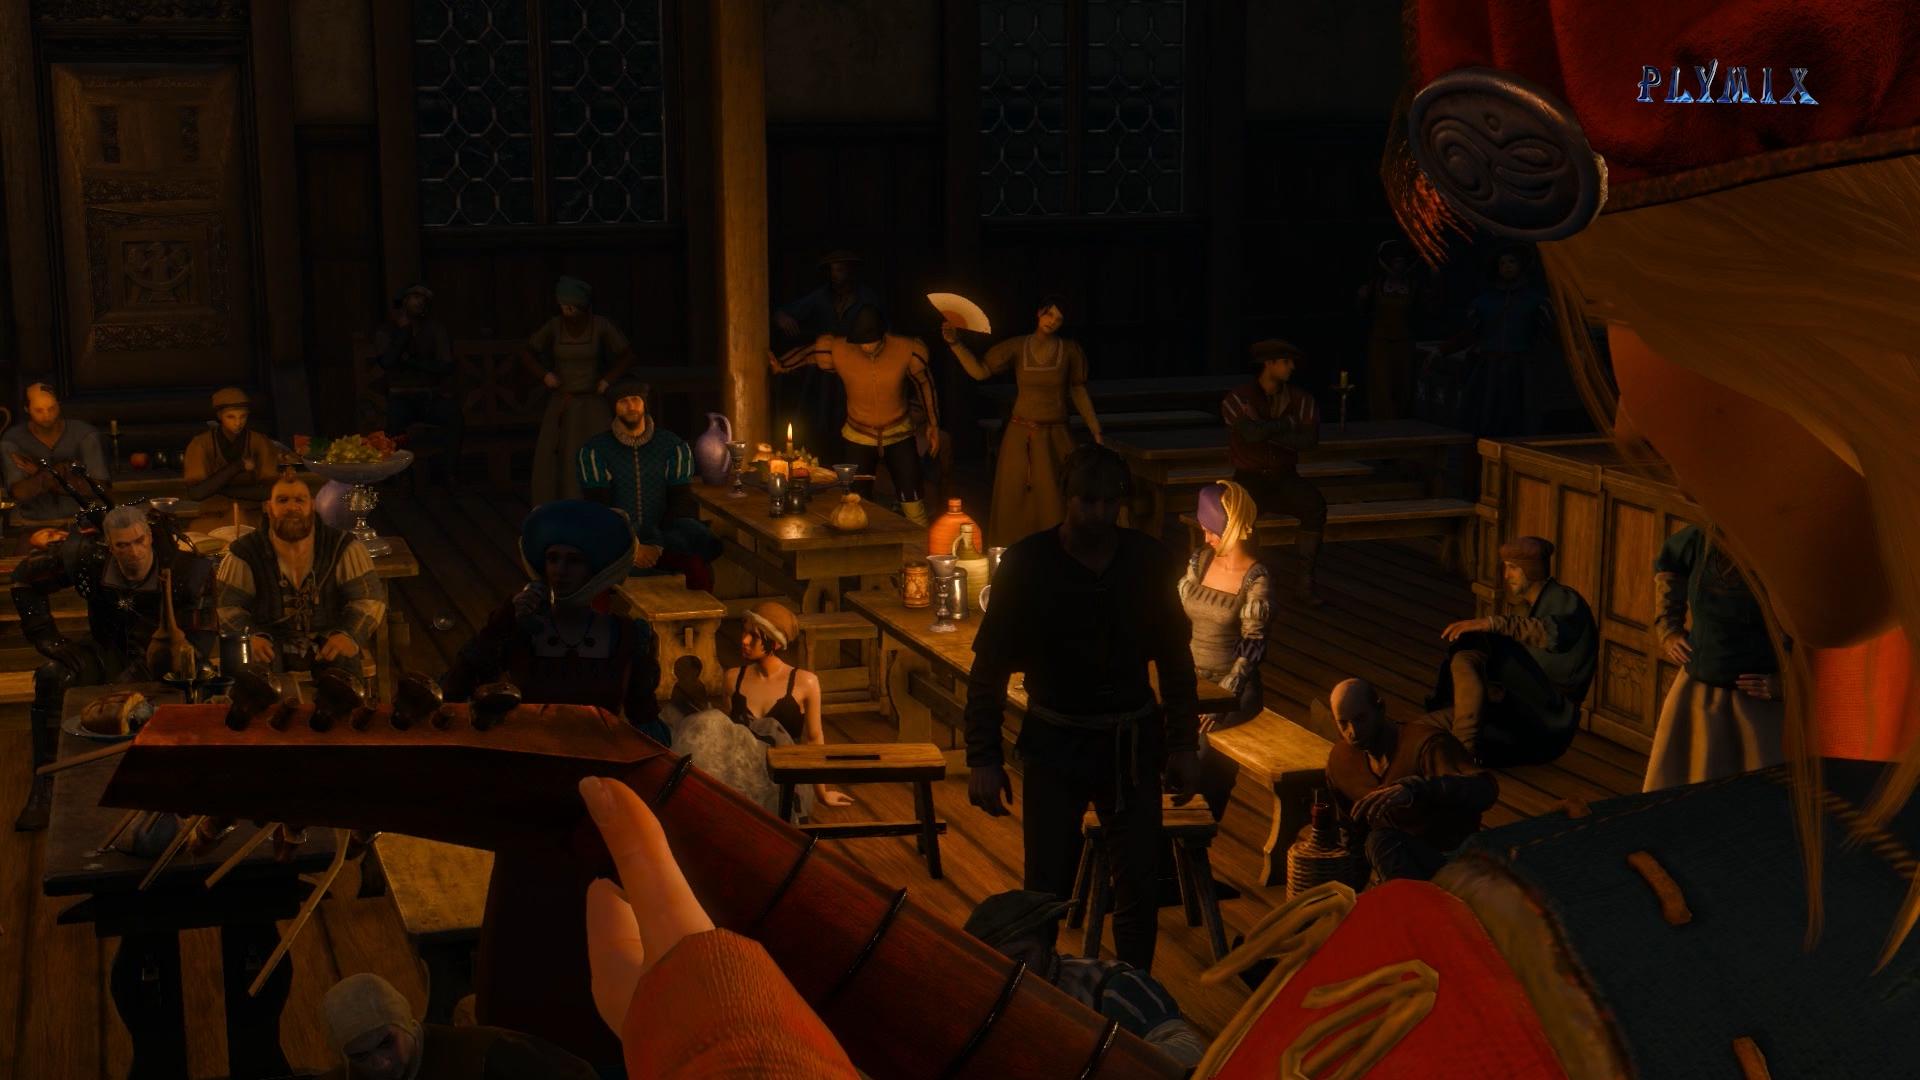 7 Присцилла выступает.png - Witcher 3: Wild Hunt, the